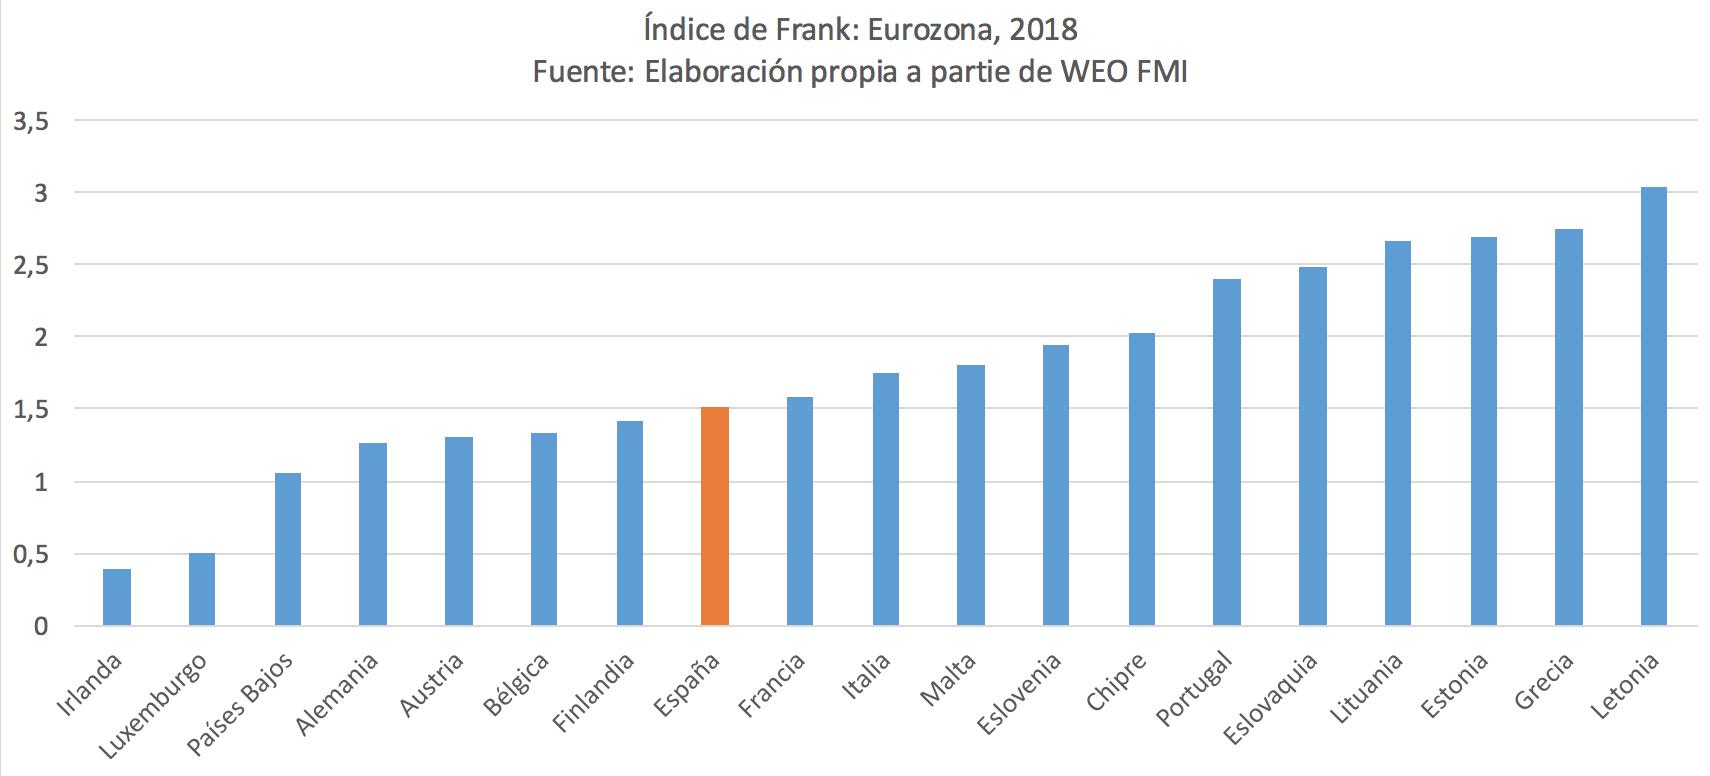 1-indice-frank-espana-eurozona.png